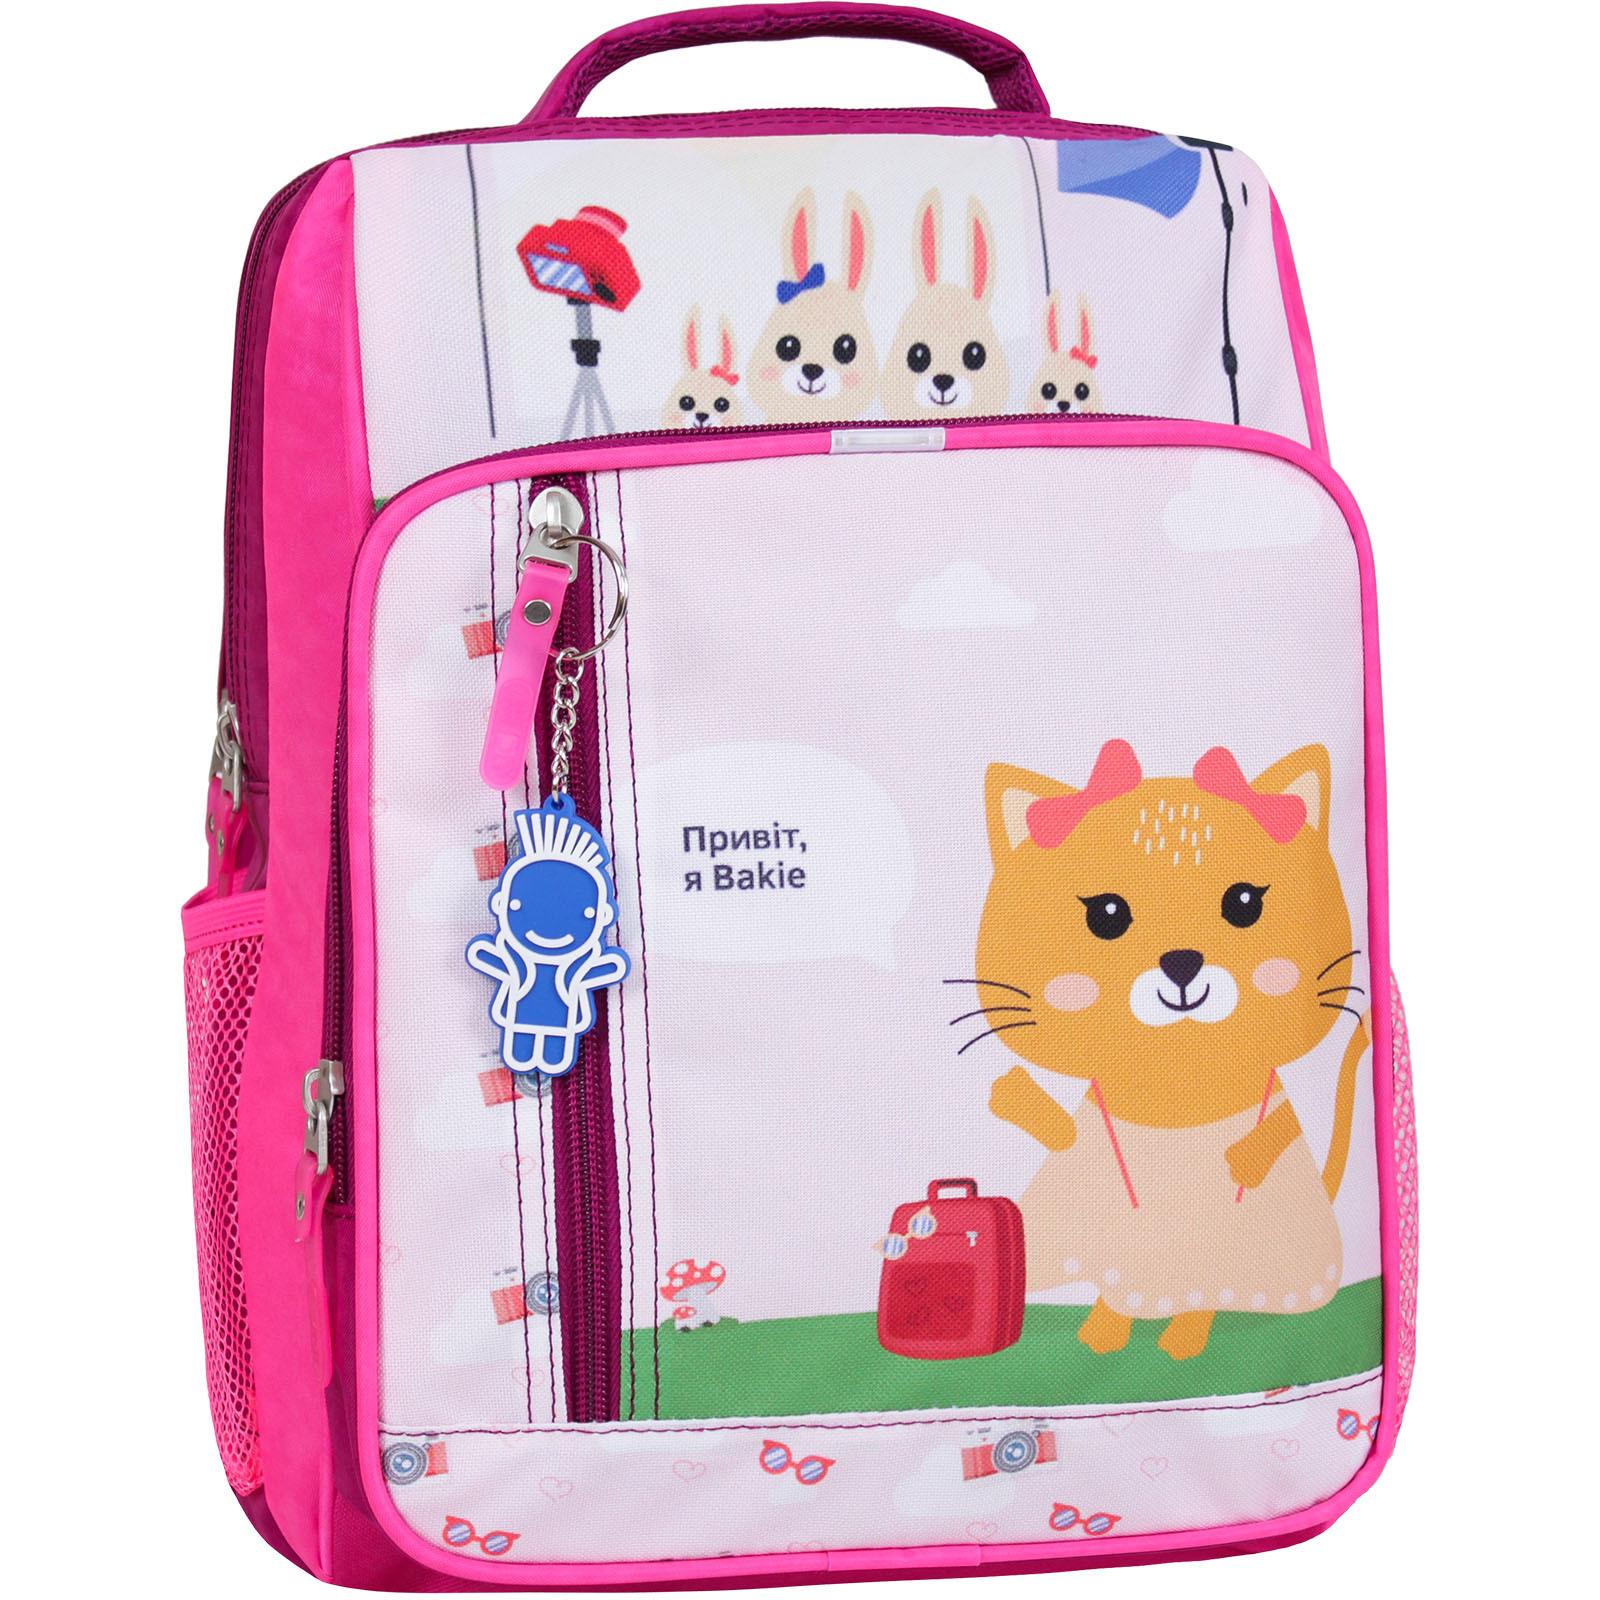 Школьные рюкзаки Рюкзак школьный Bagland Школьник 8 л. 143 малиновый 434 (0012870) IMG_6458-1600-434.jpg